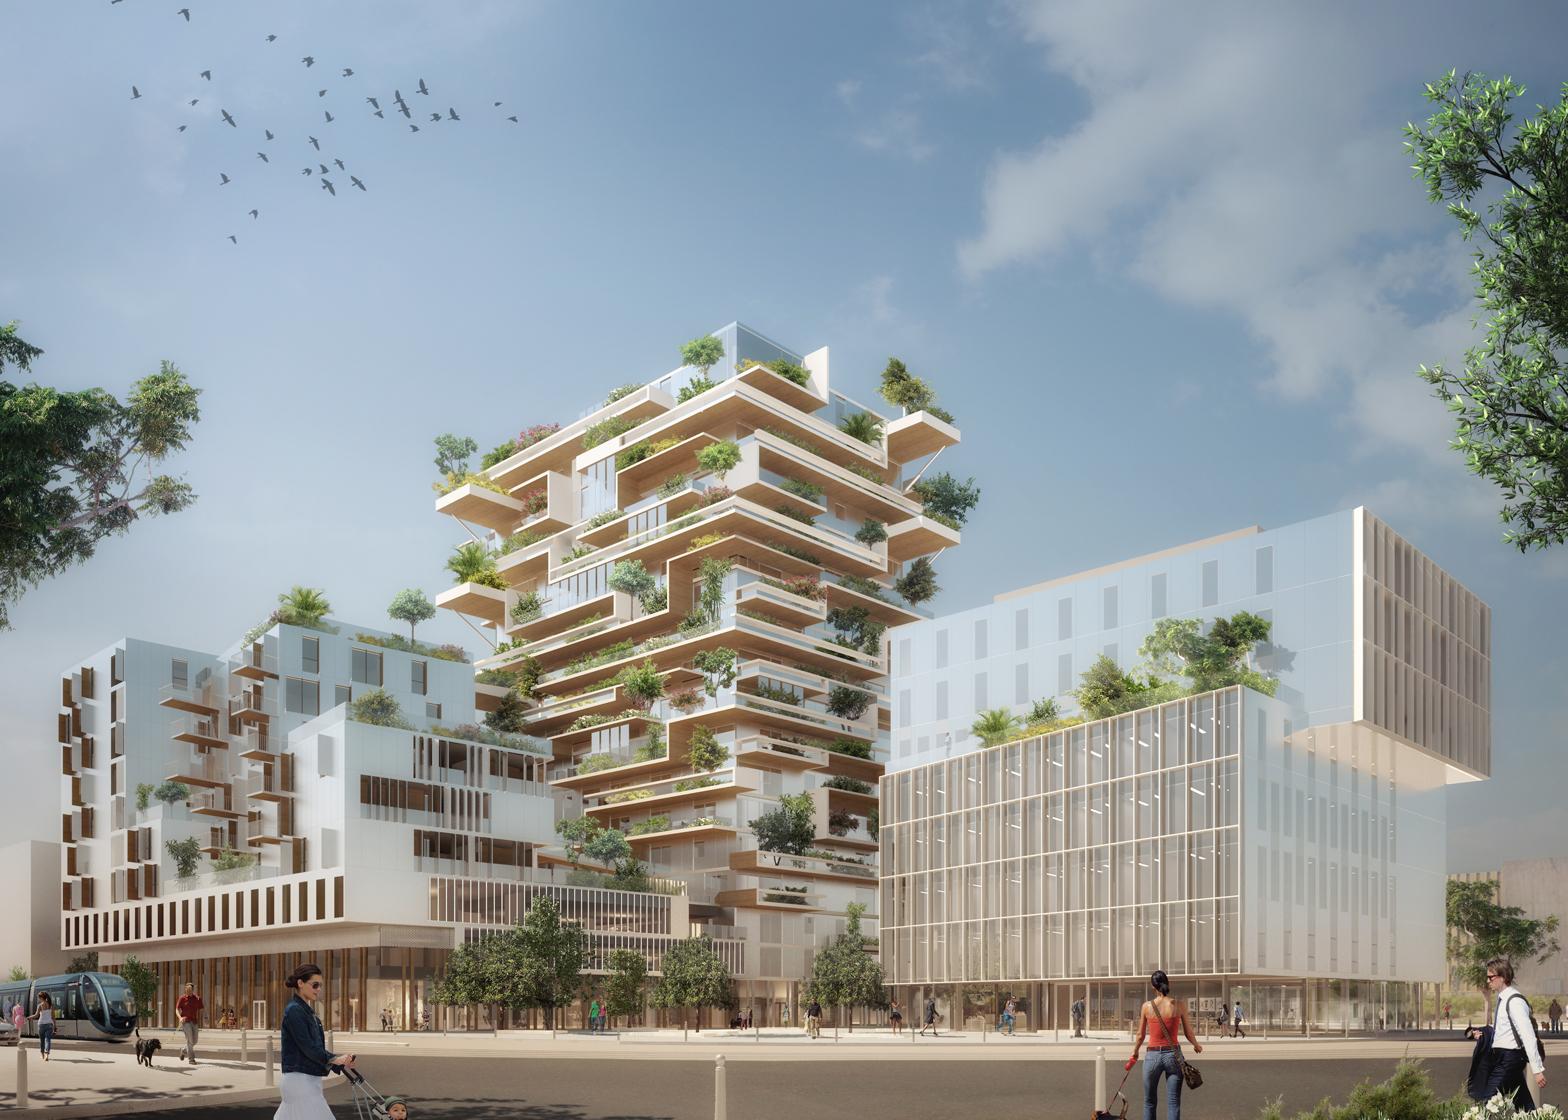 Công trình thiết kế kiến trúc độc đáo có một không hai trên thế giới